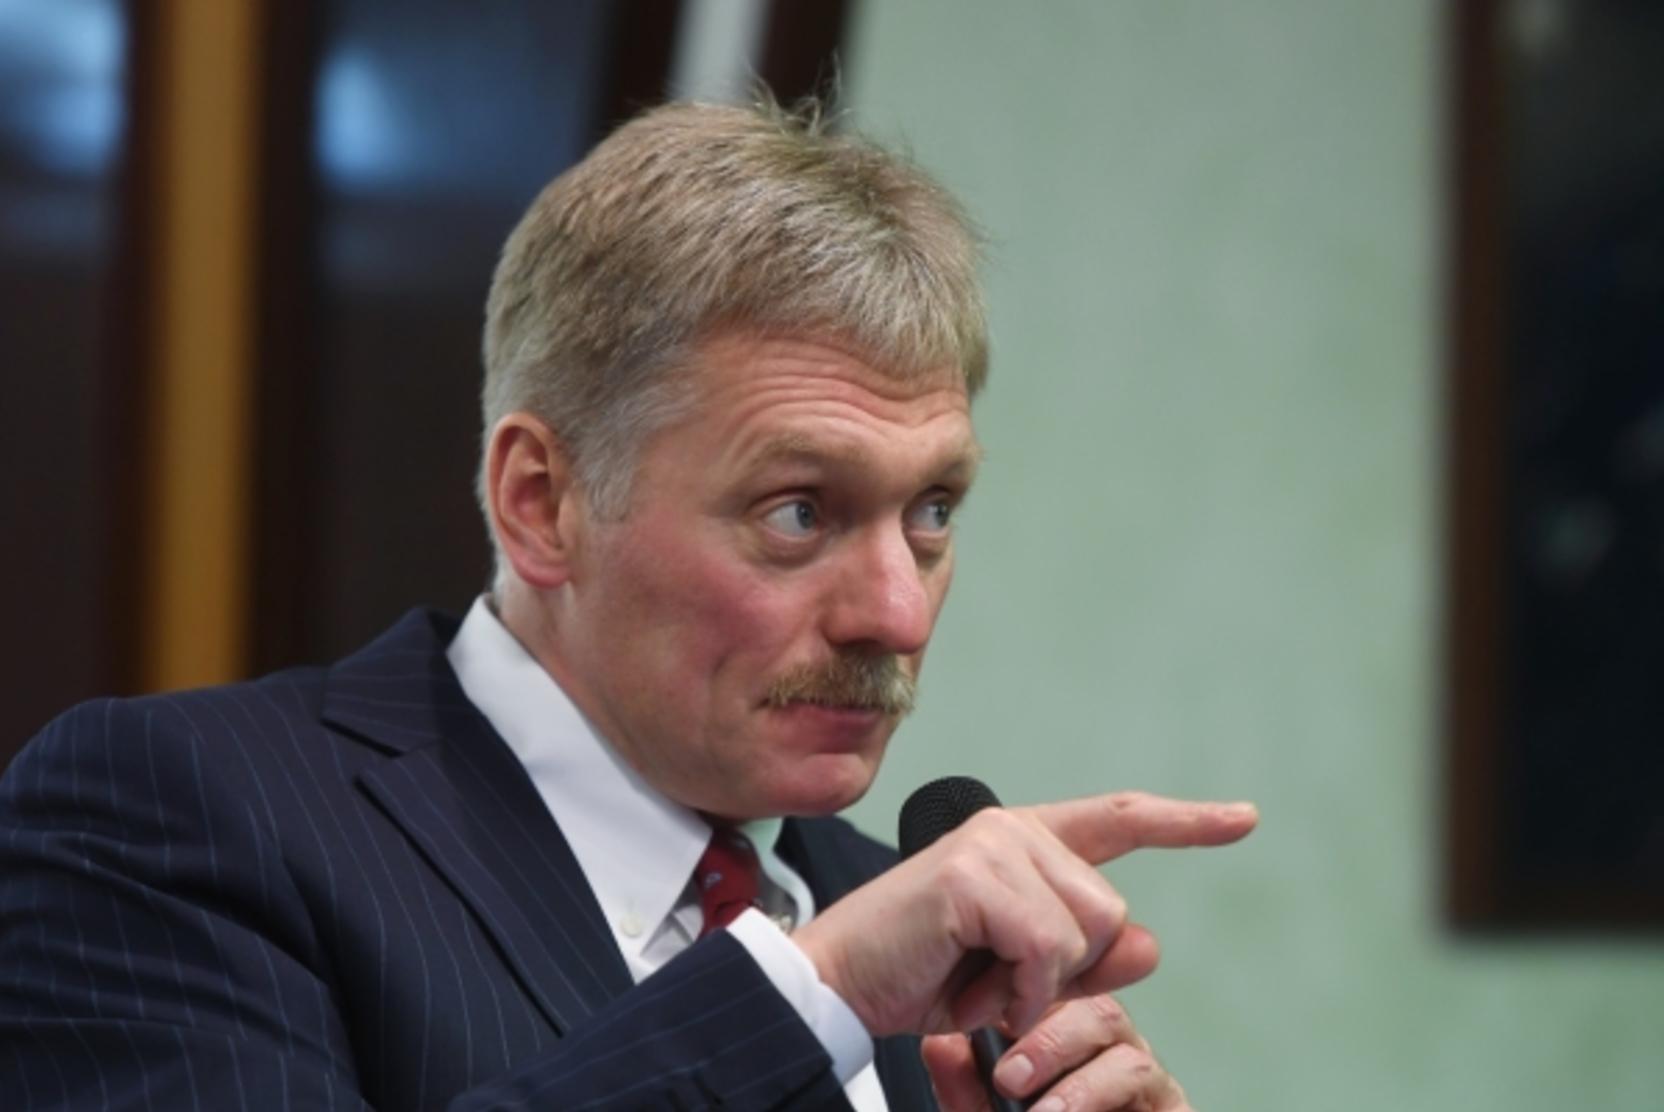 Пресс-секретарь президента объяснил опасность ситуации на Украине для России